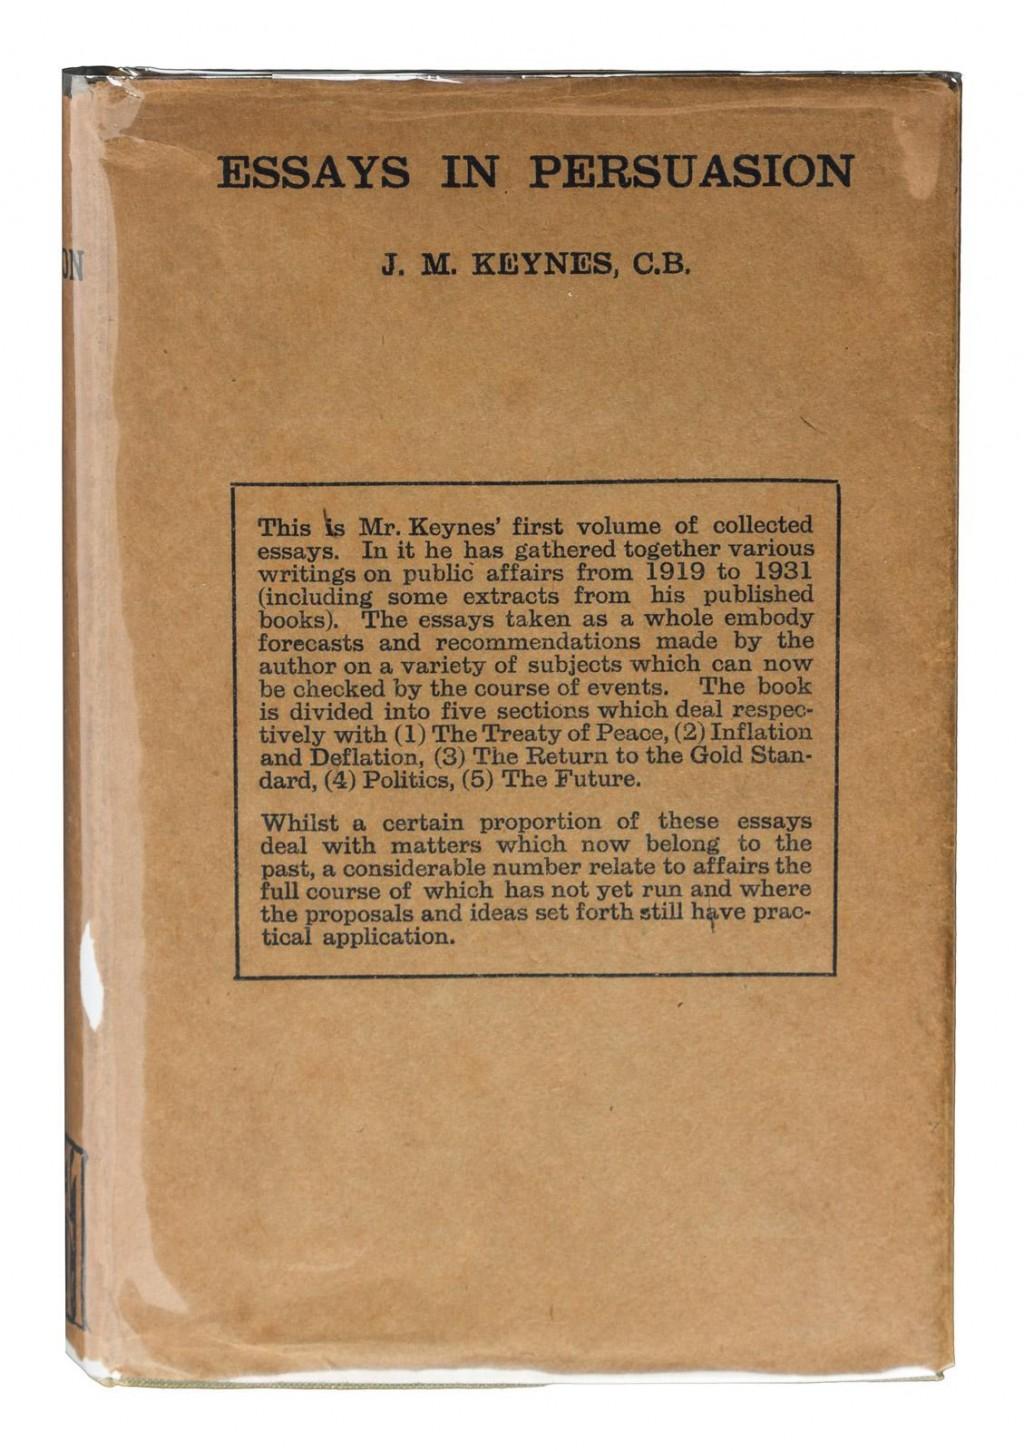 015 237551 0 Essay Example Essays In Remarkable Persuasion Audiobook Pdf John Maynard Keynes Summary Large